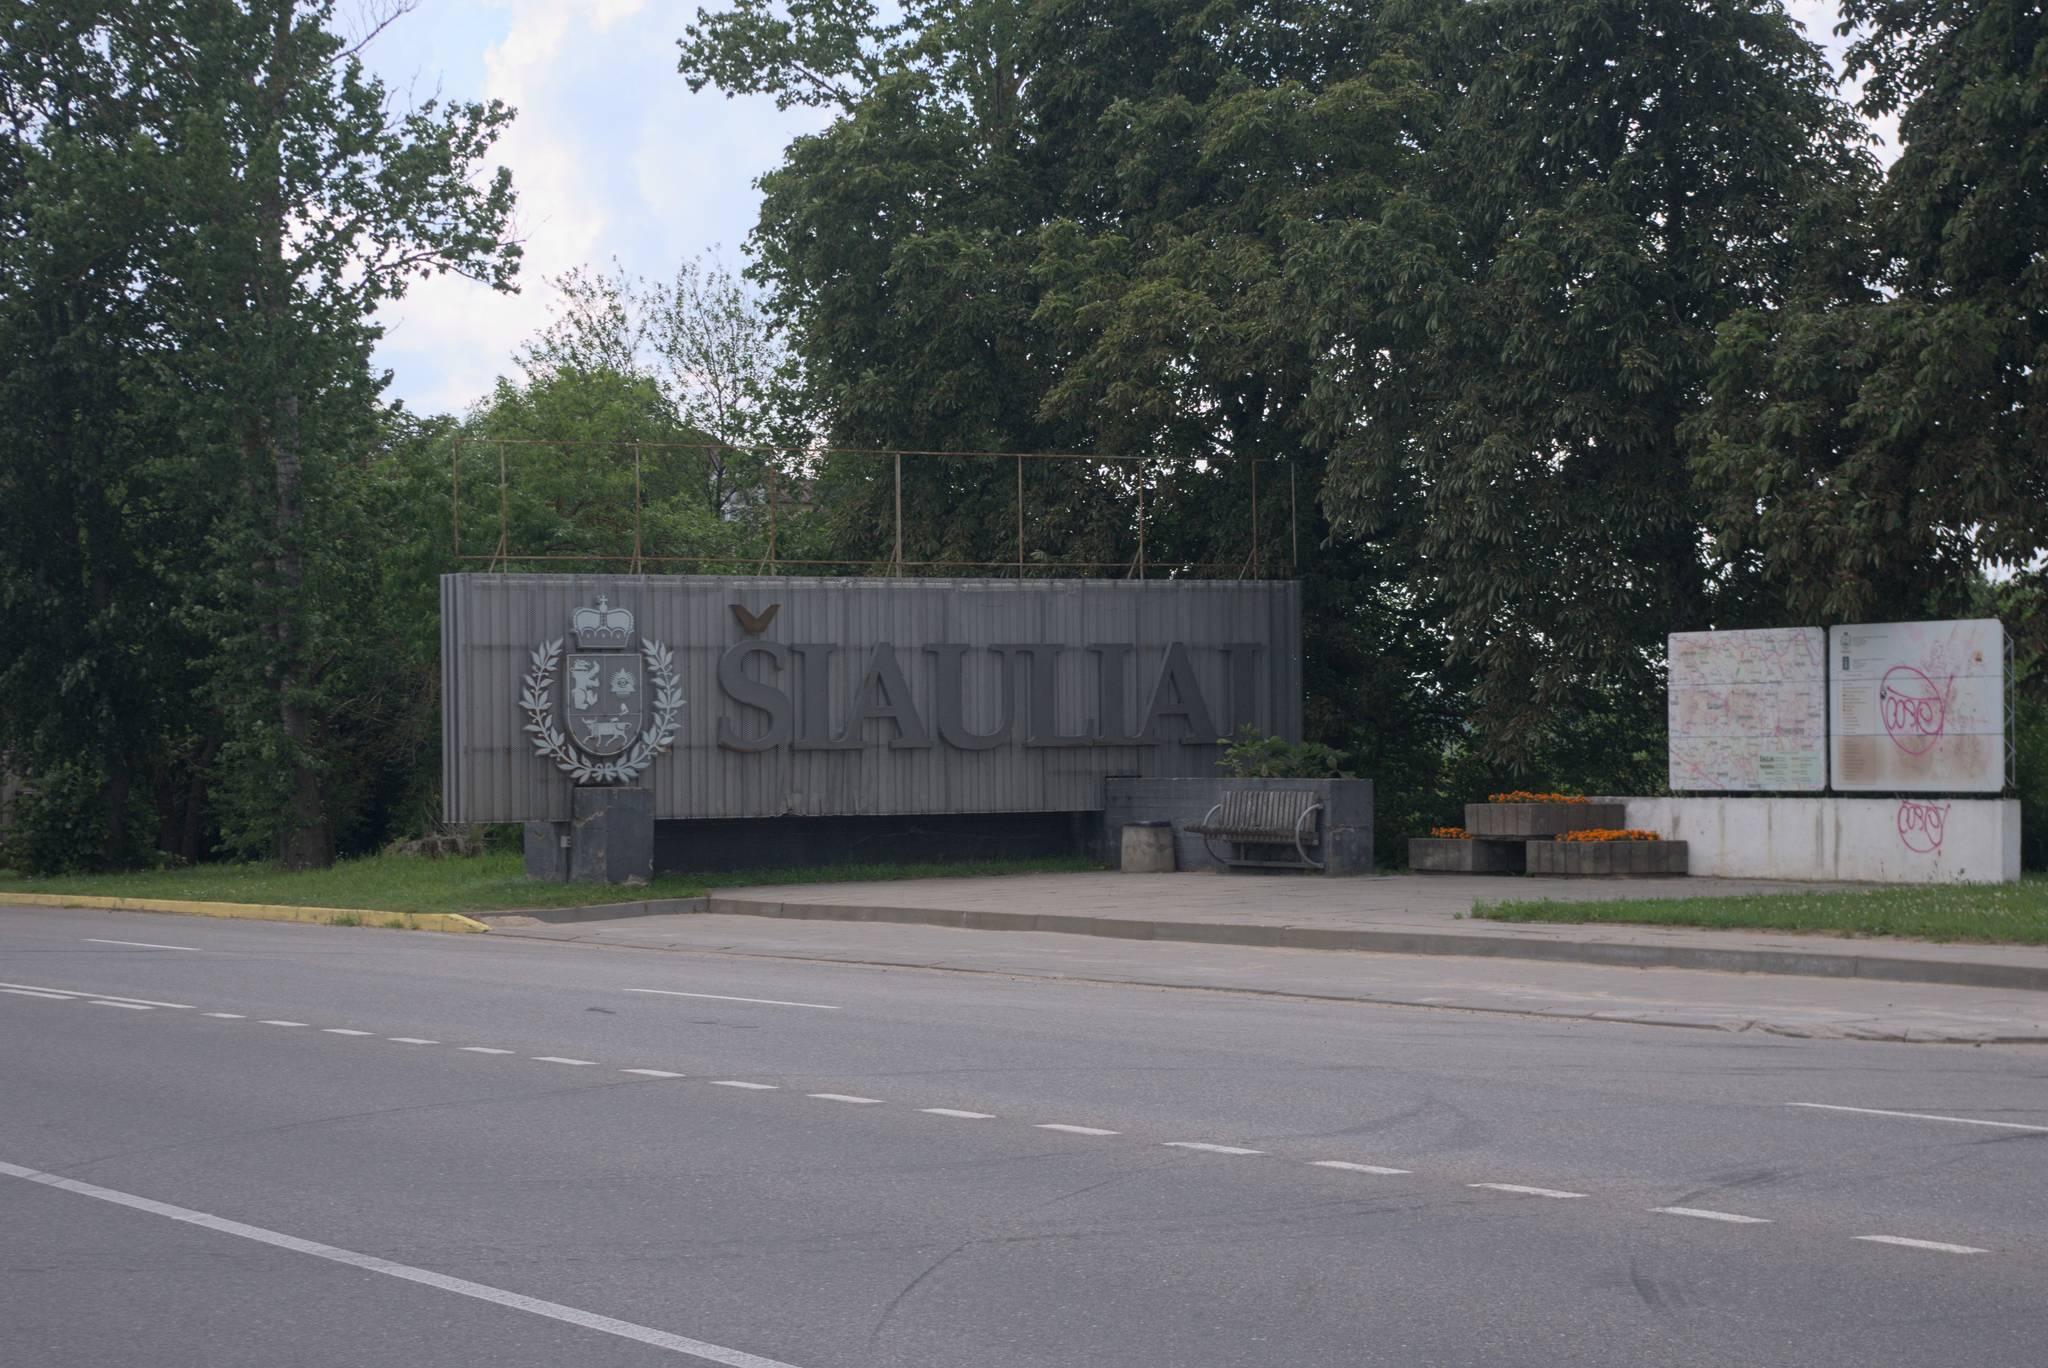 typowy obrazek dla krajów byłego ZSSR, wielka tablica na wlocie do miasta.